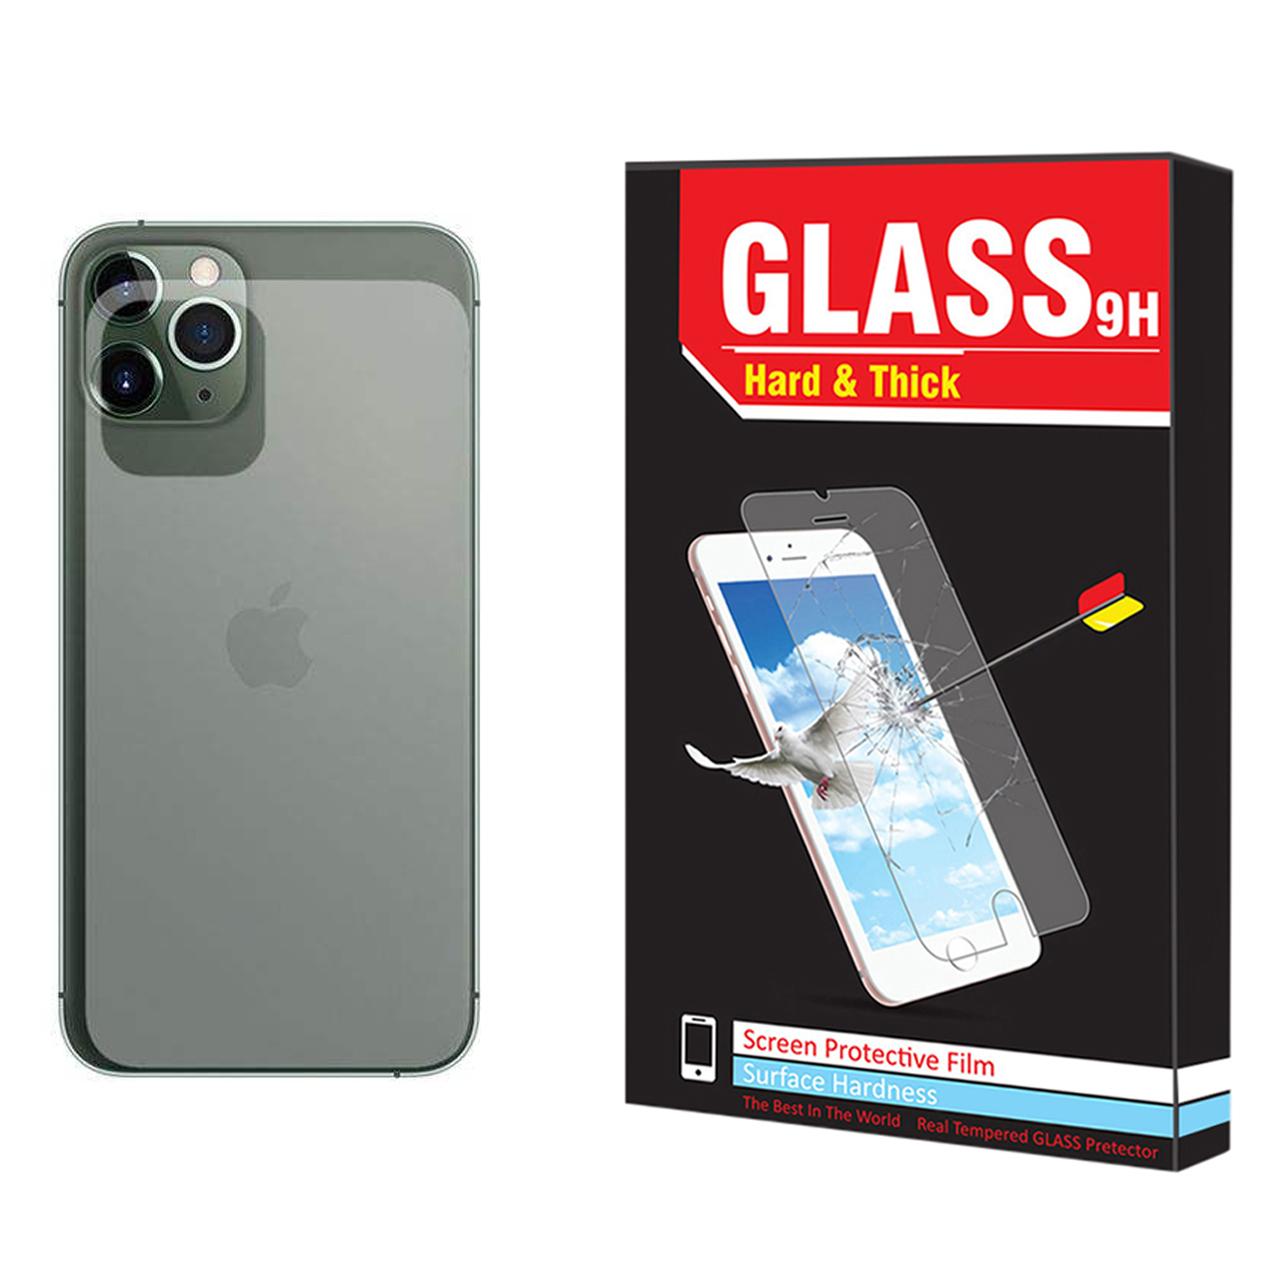 محافظ پشت گوشی Hard and Thick مدل TPB-001 مناسب برای گوشی موبایل اپل Iphone 12 Pro max